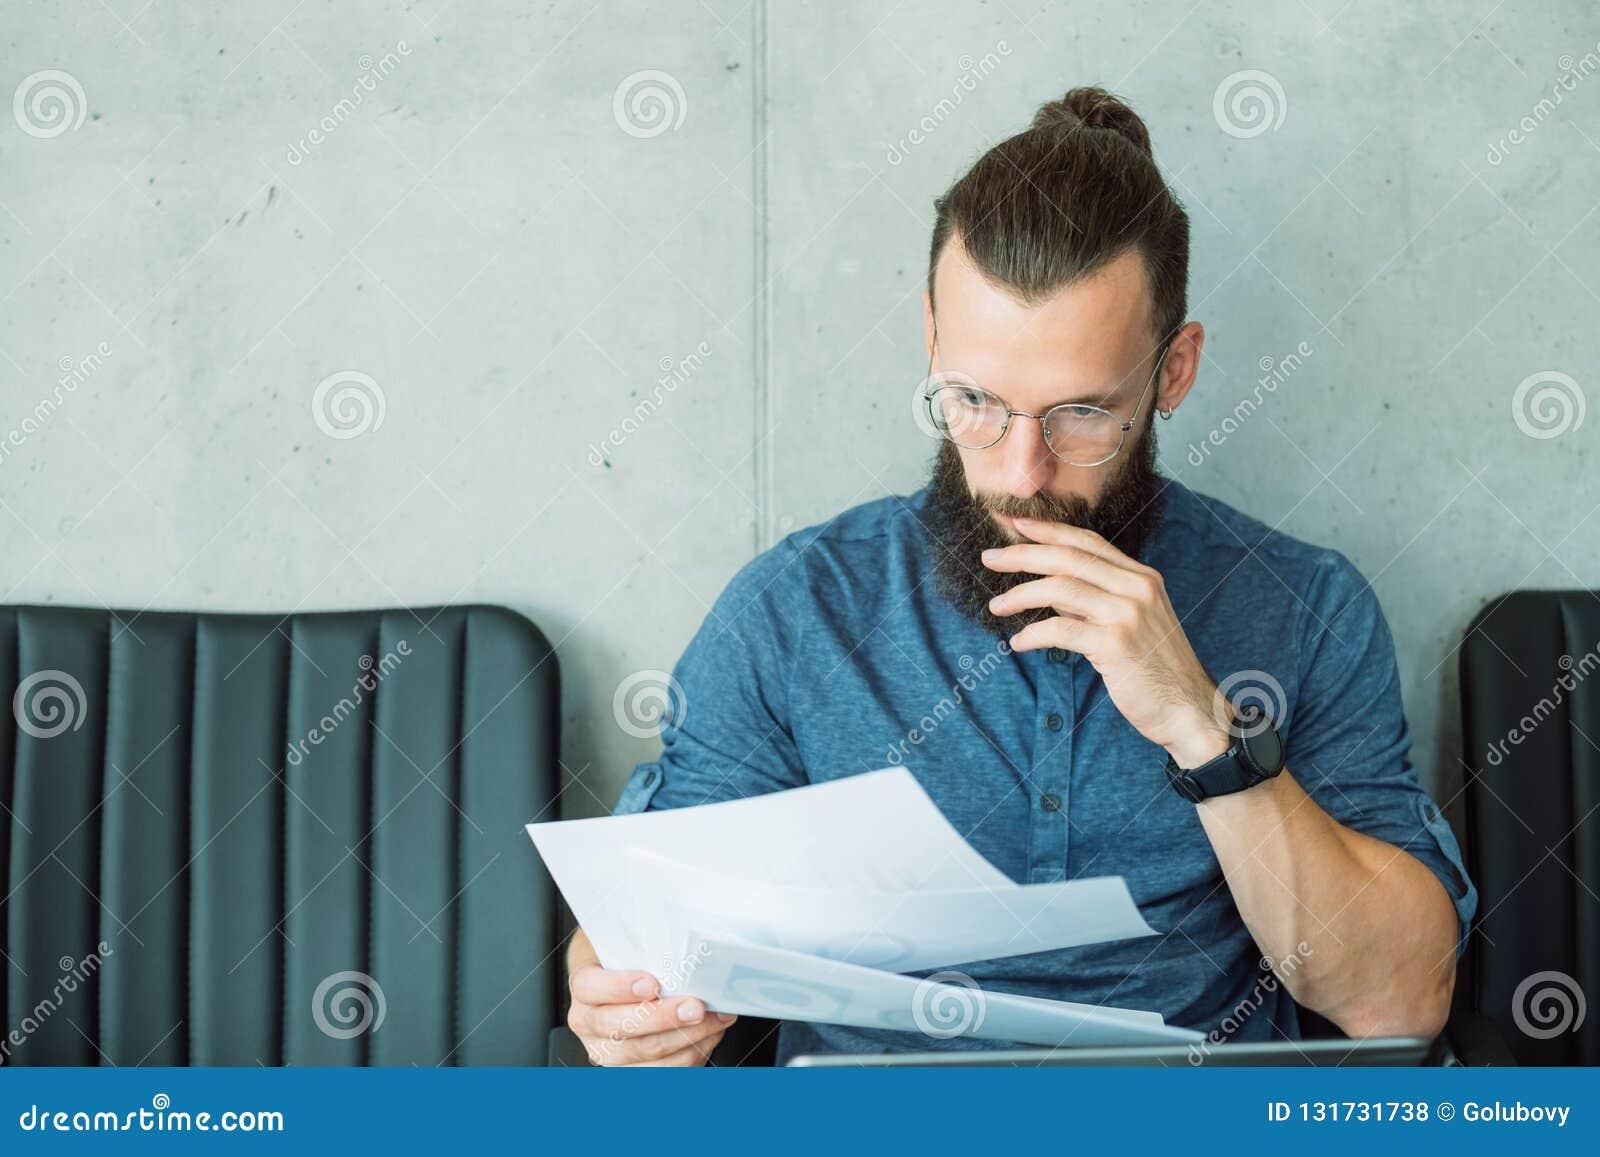 El hombre enfocado leyó datos del informe de información del documento